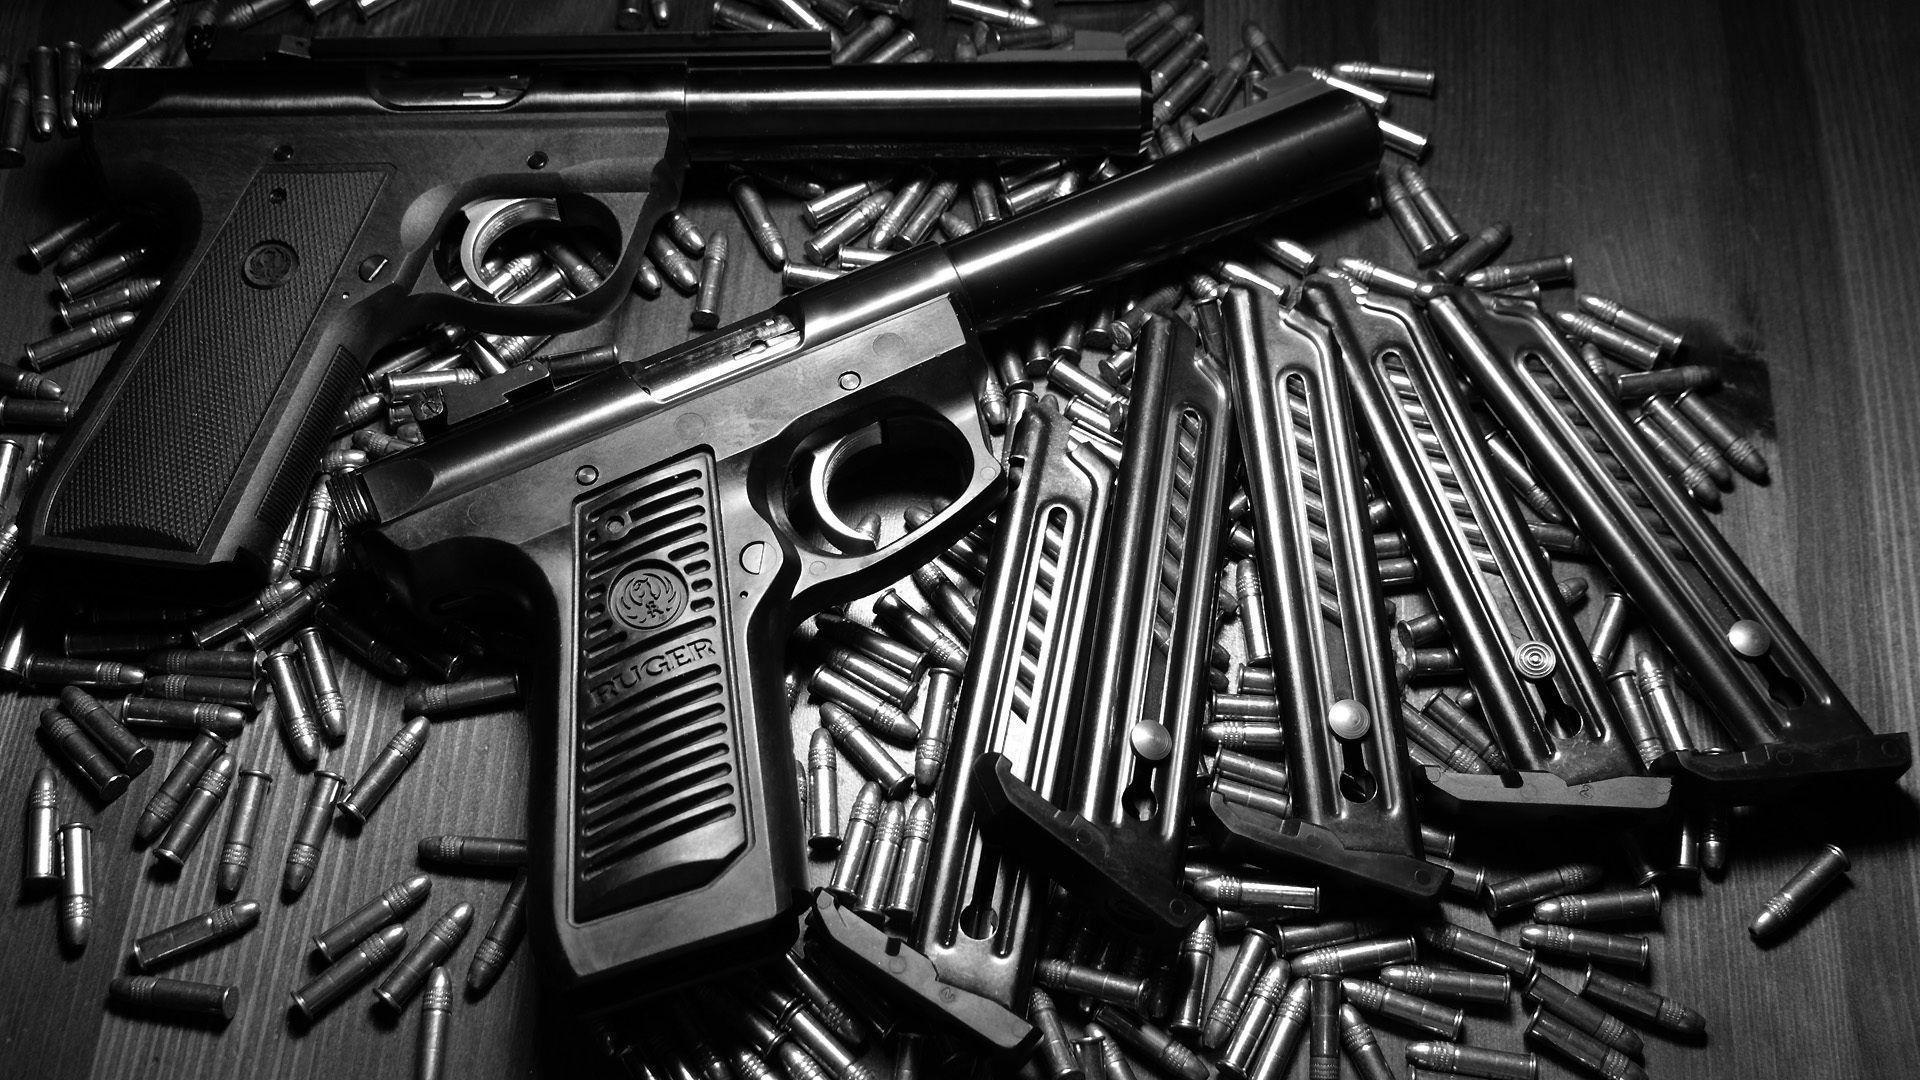 Beretta M92Fs Gun Wallpaper HD Download For Desktop